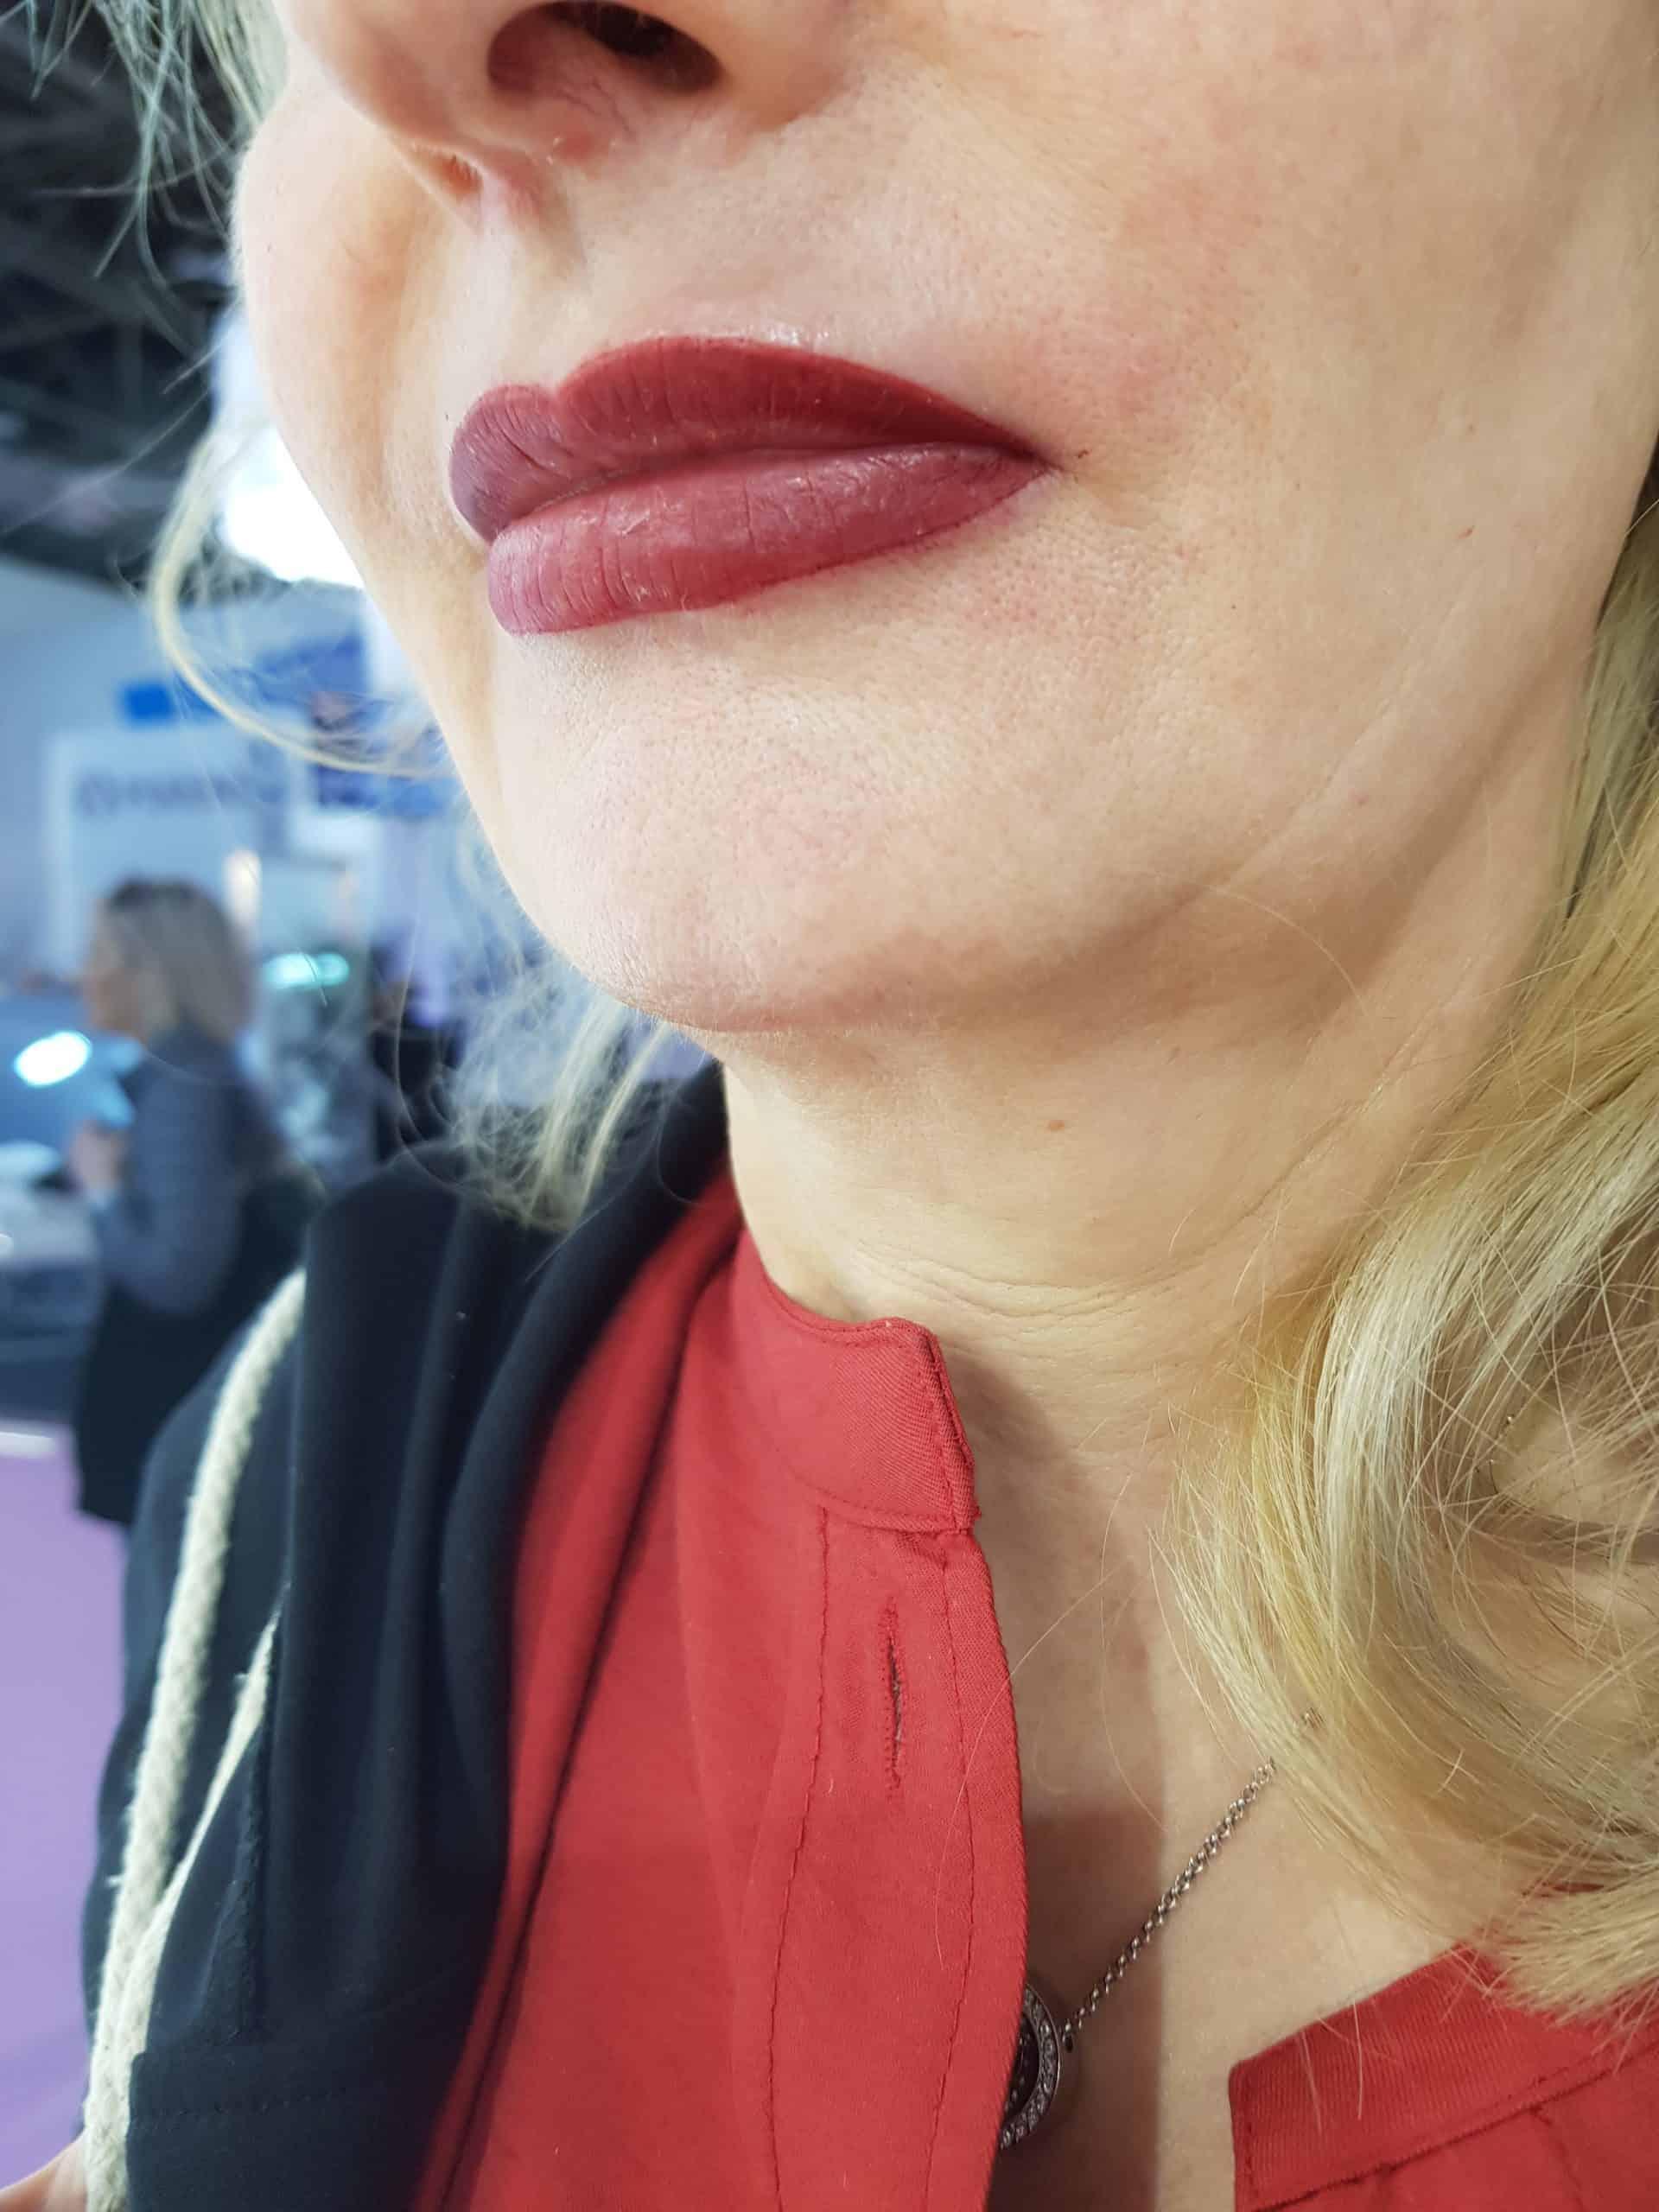 שפתיים בבורדו